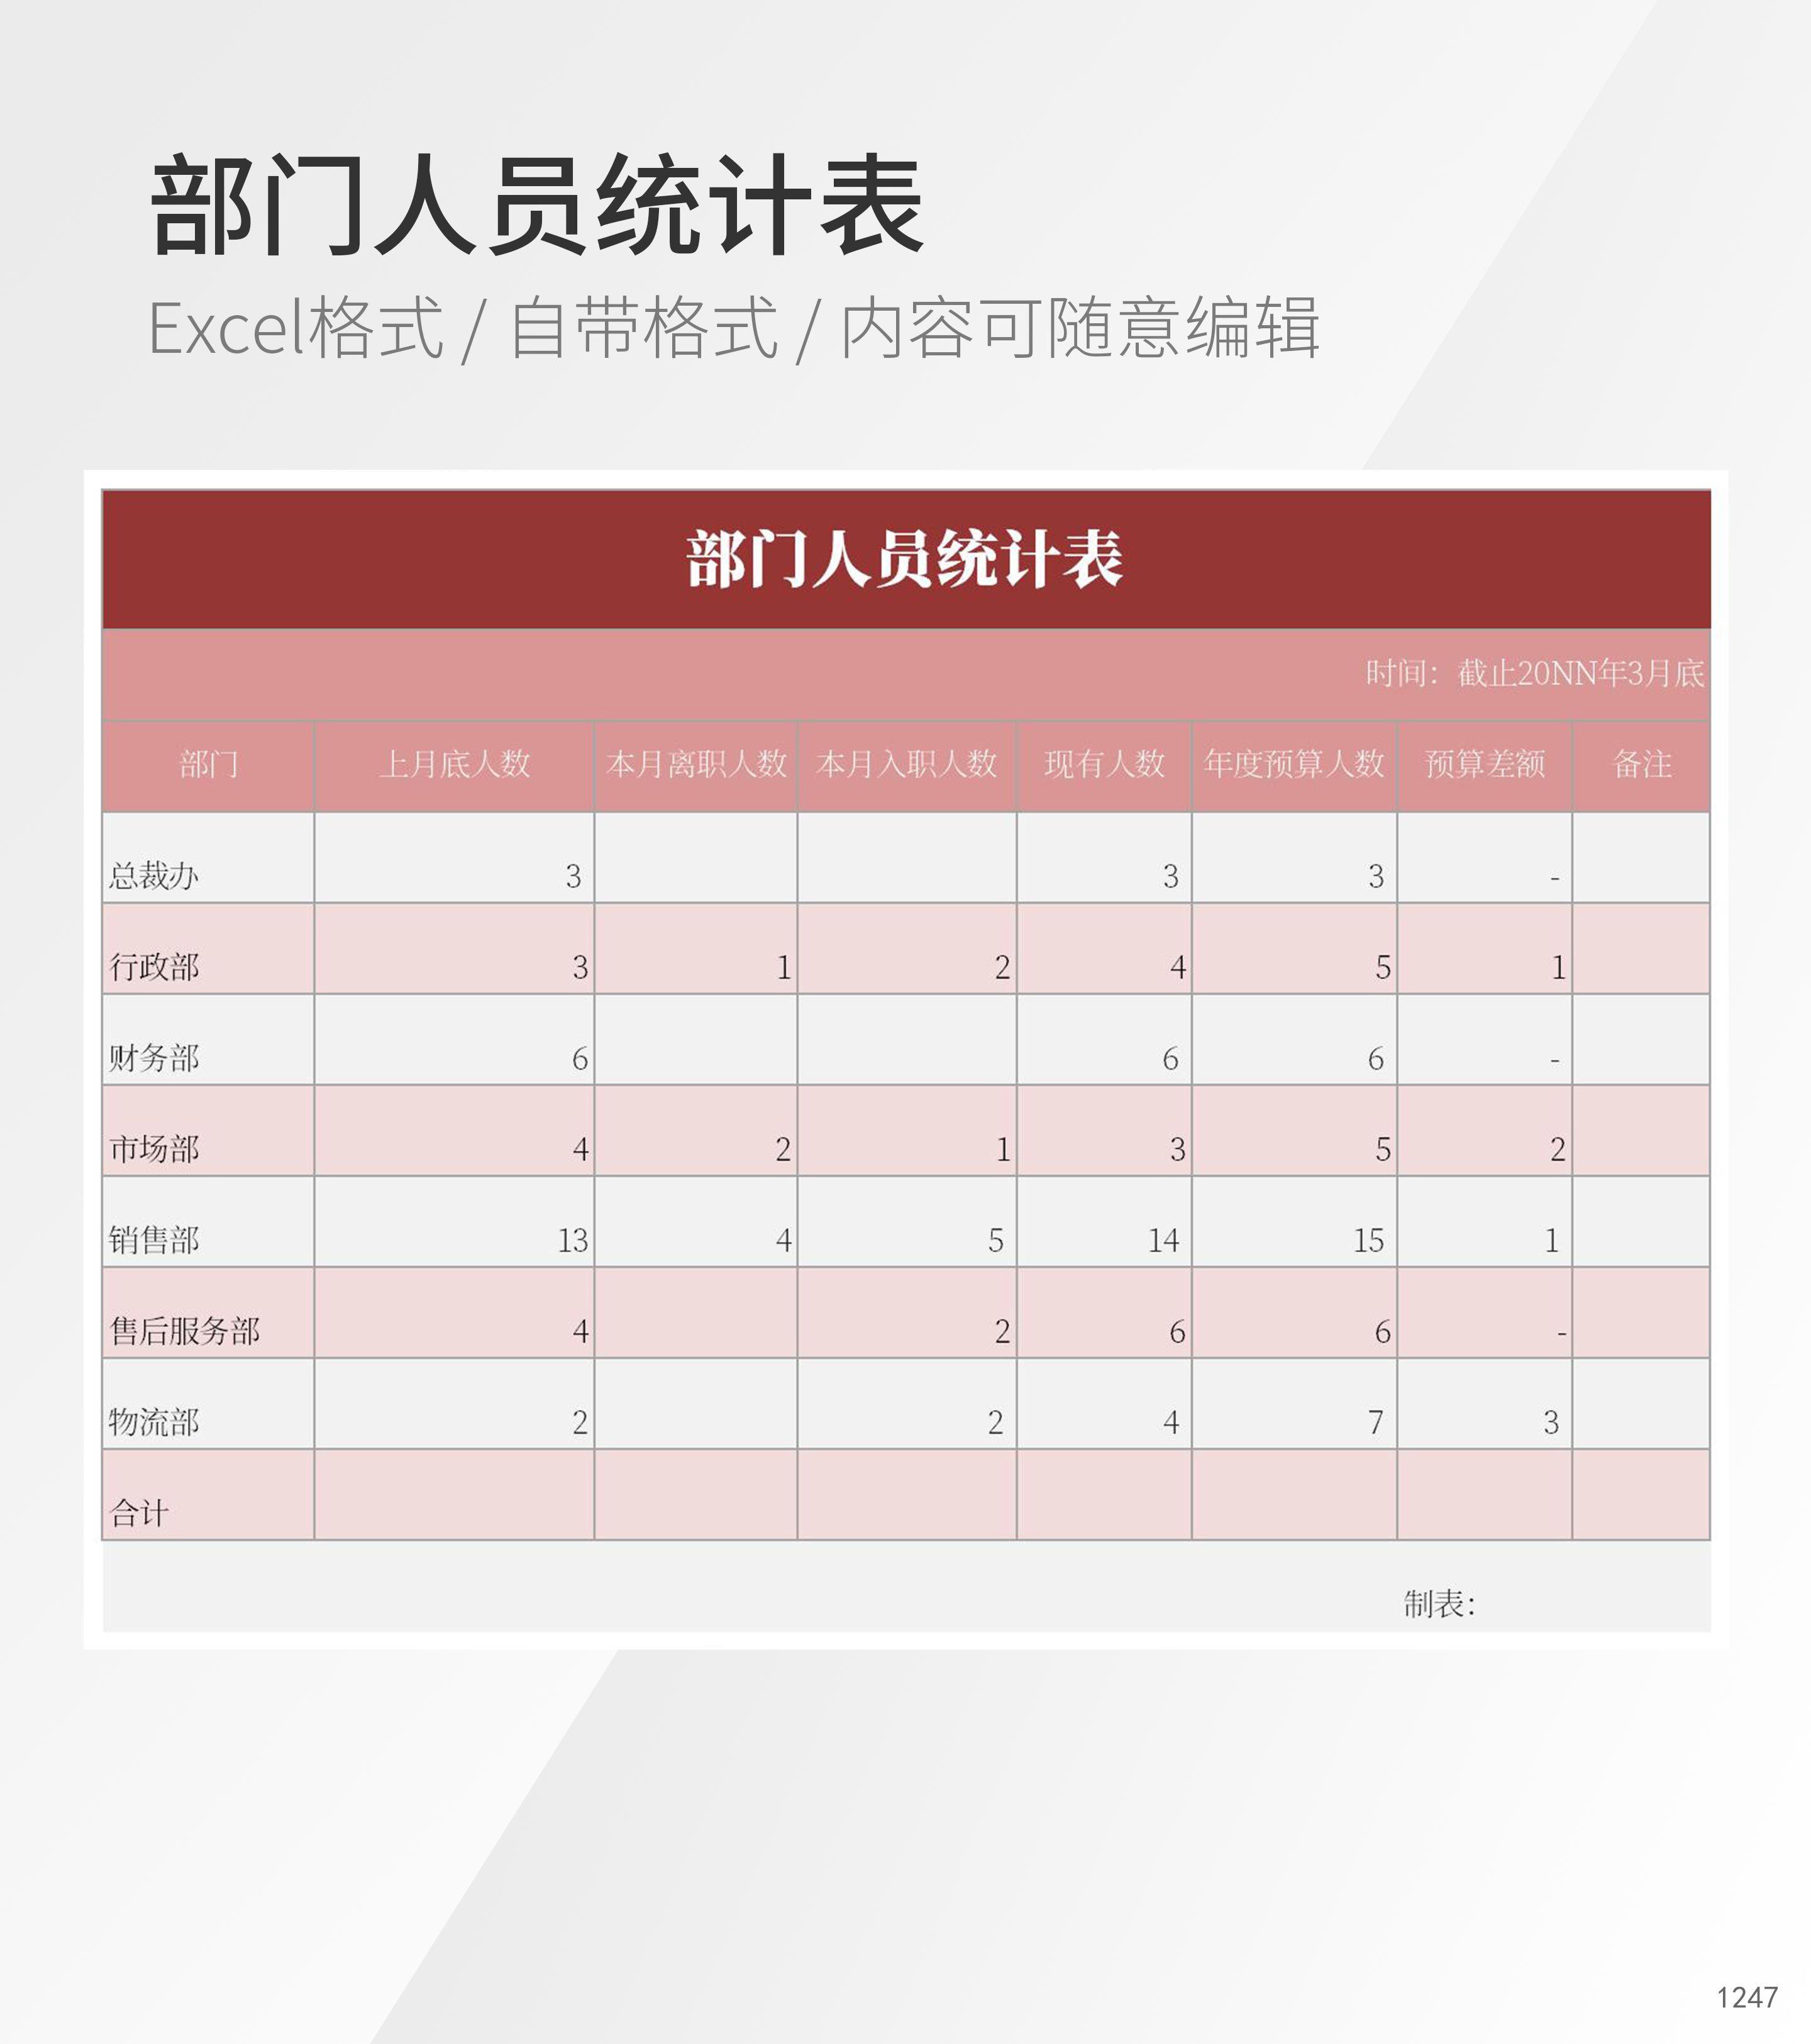 部门人员统计表格模板